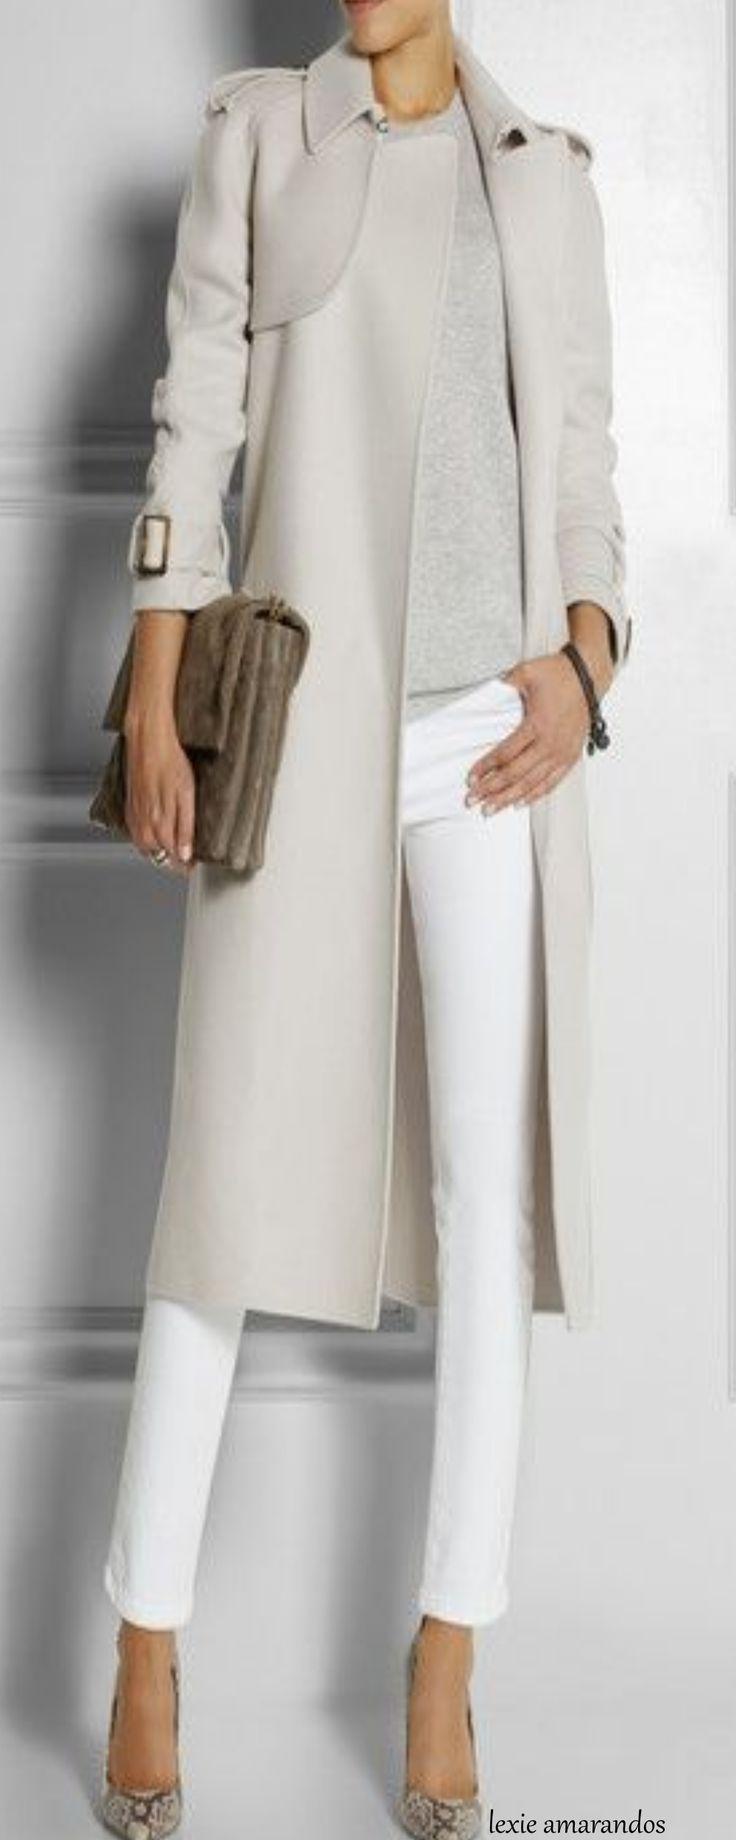 Minne vain asu, tosin jos työmaaolosuhteisiin joutuu, kannattaa välttää vaaleita värejä kokonaisuuksina Clothing, Shoes & Jewelry - Women - women's dresses casual - http://amzn.to/2kVrLsu